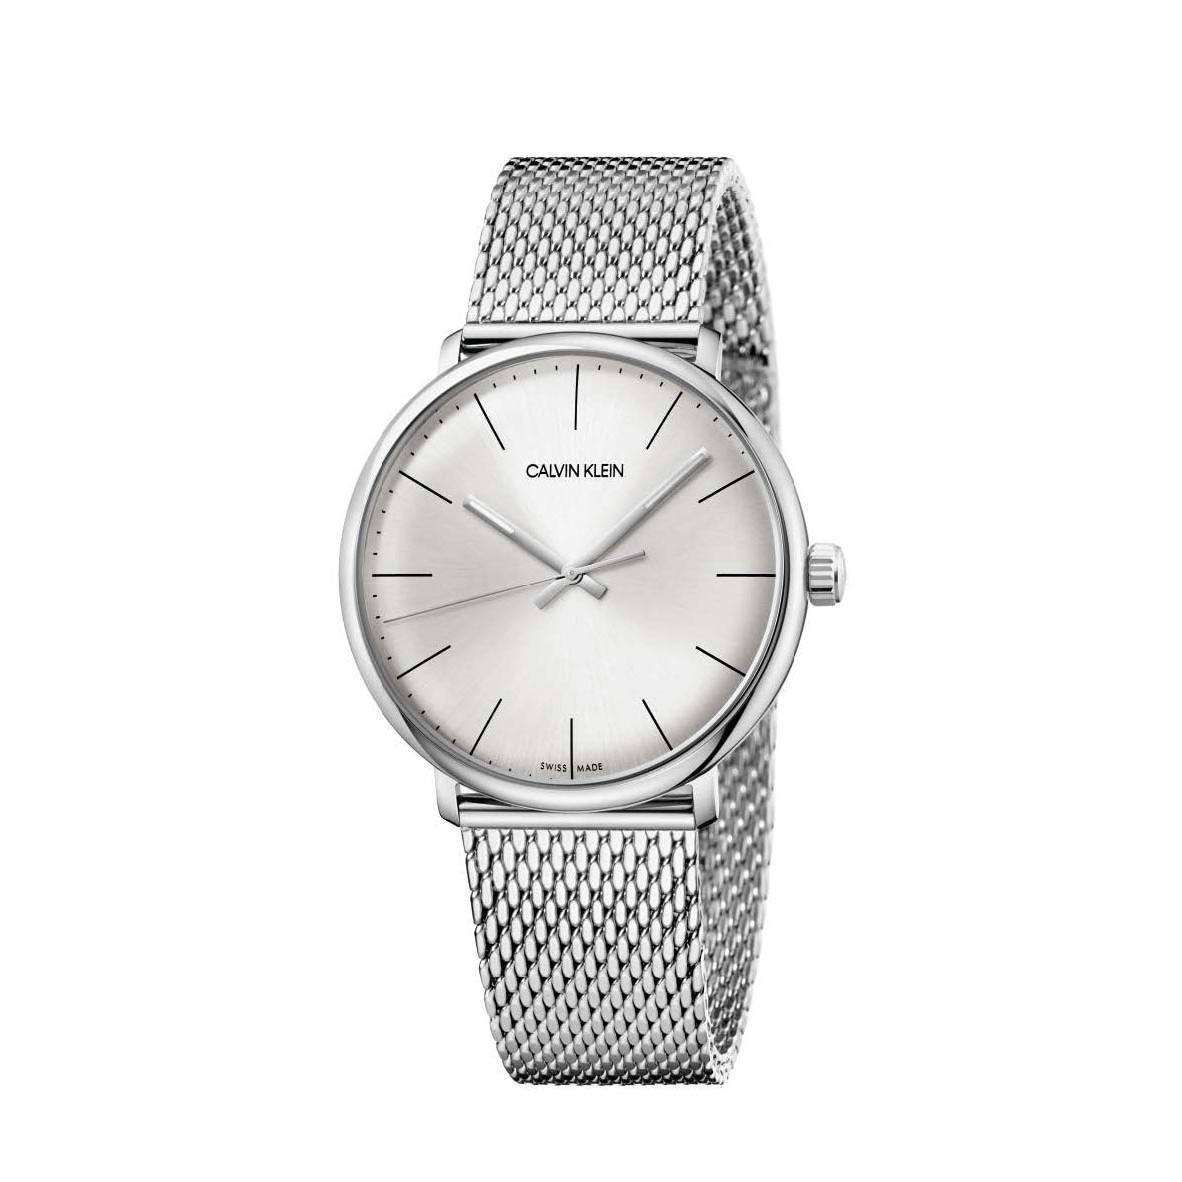 Đồng hồ Calvin Klein K8M21126 Nam 40mm, Quartz (Pin), Thép không gỉ